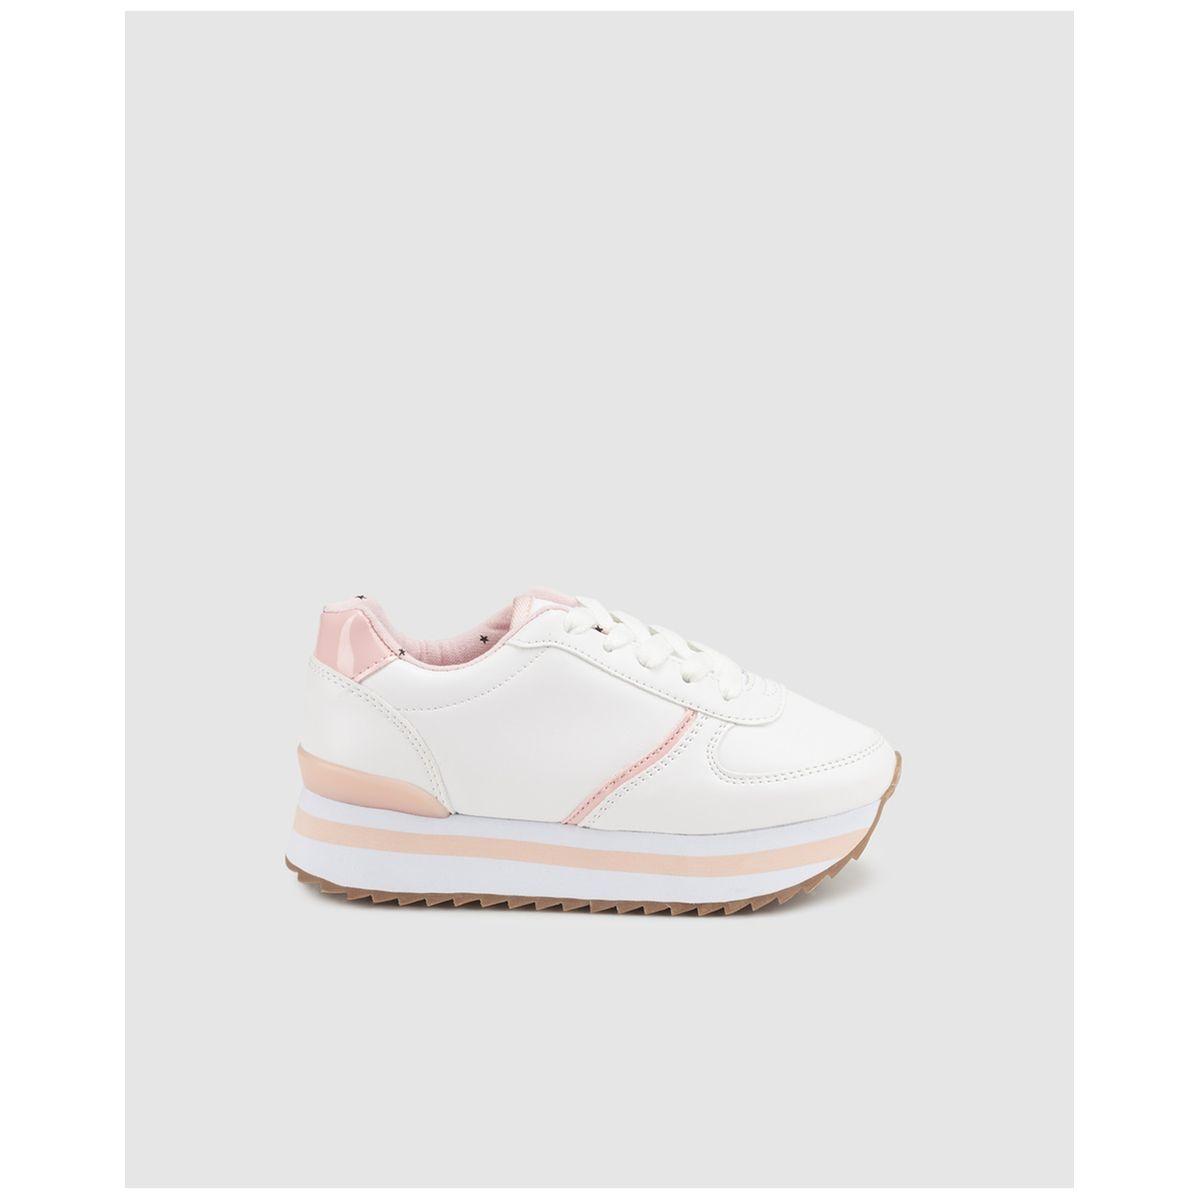 Chaussures sport  à plateforme /